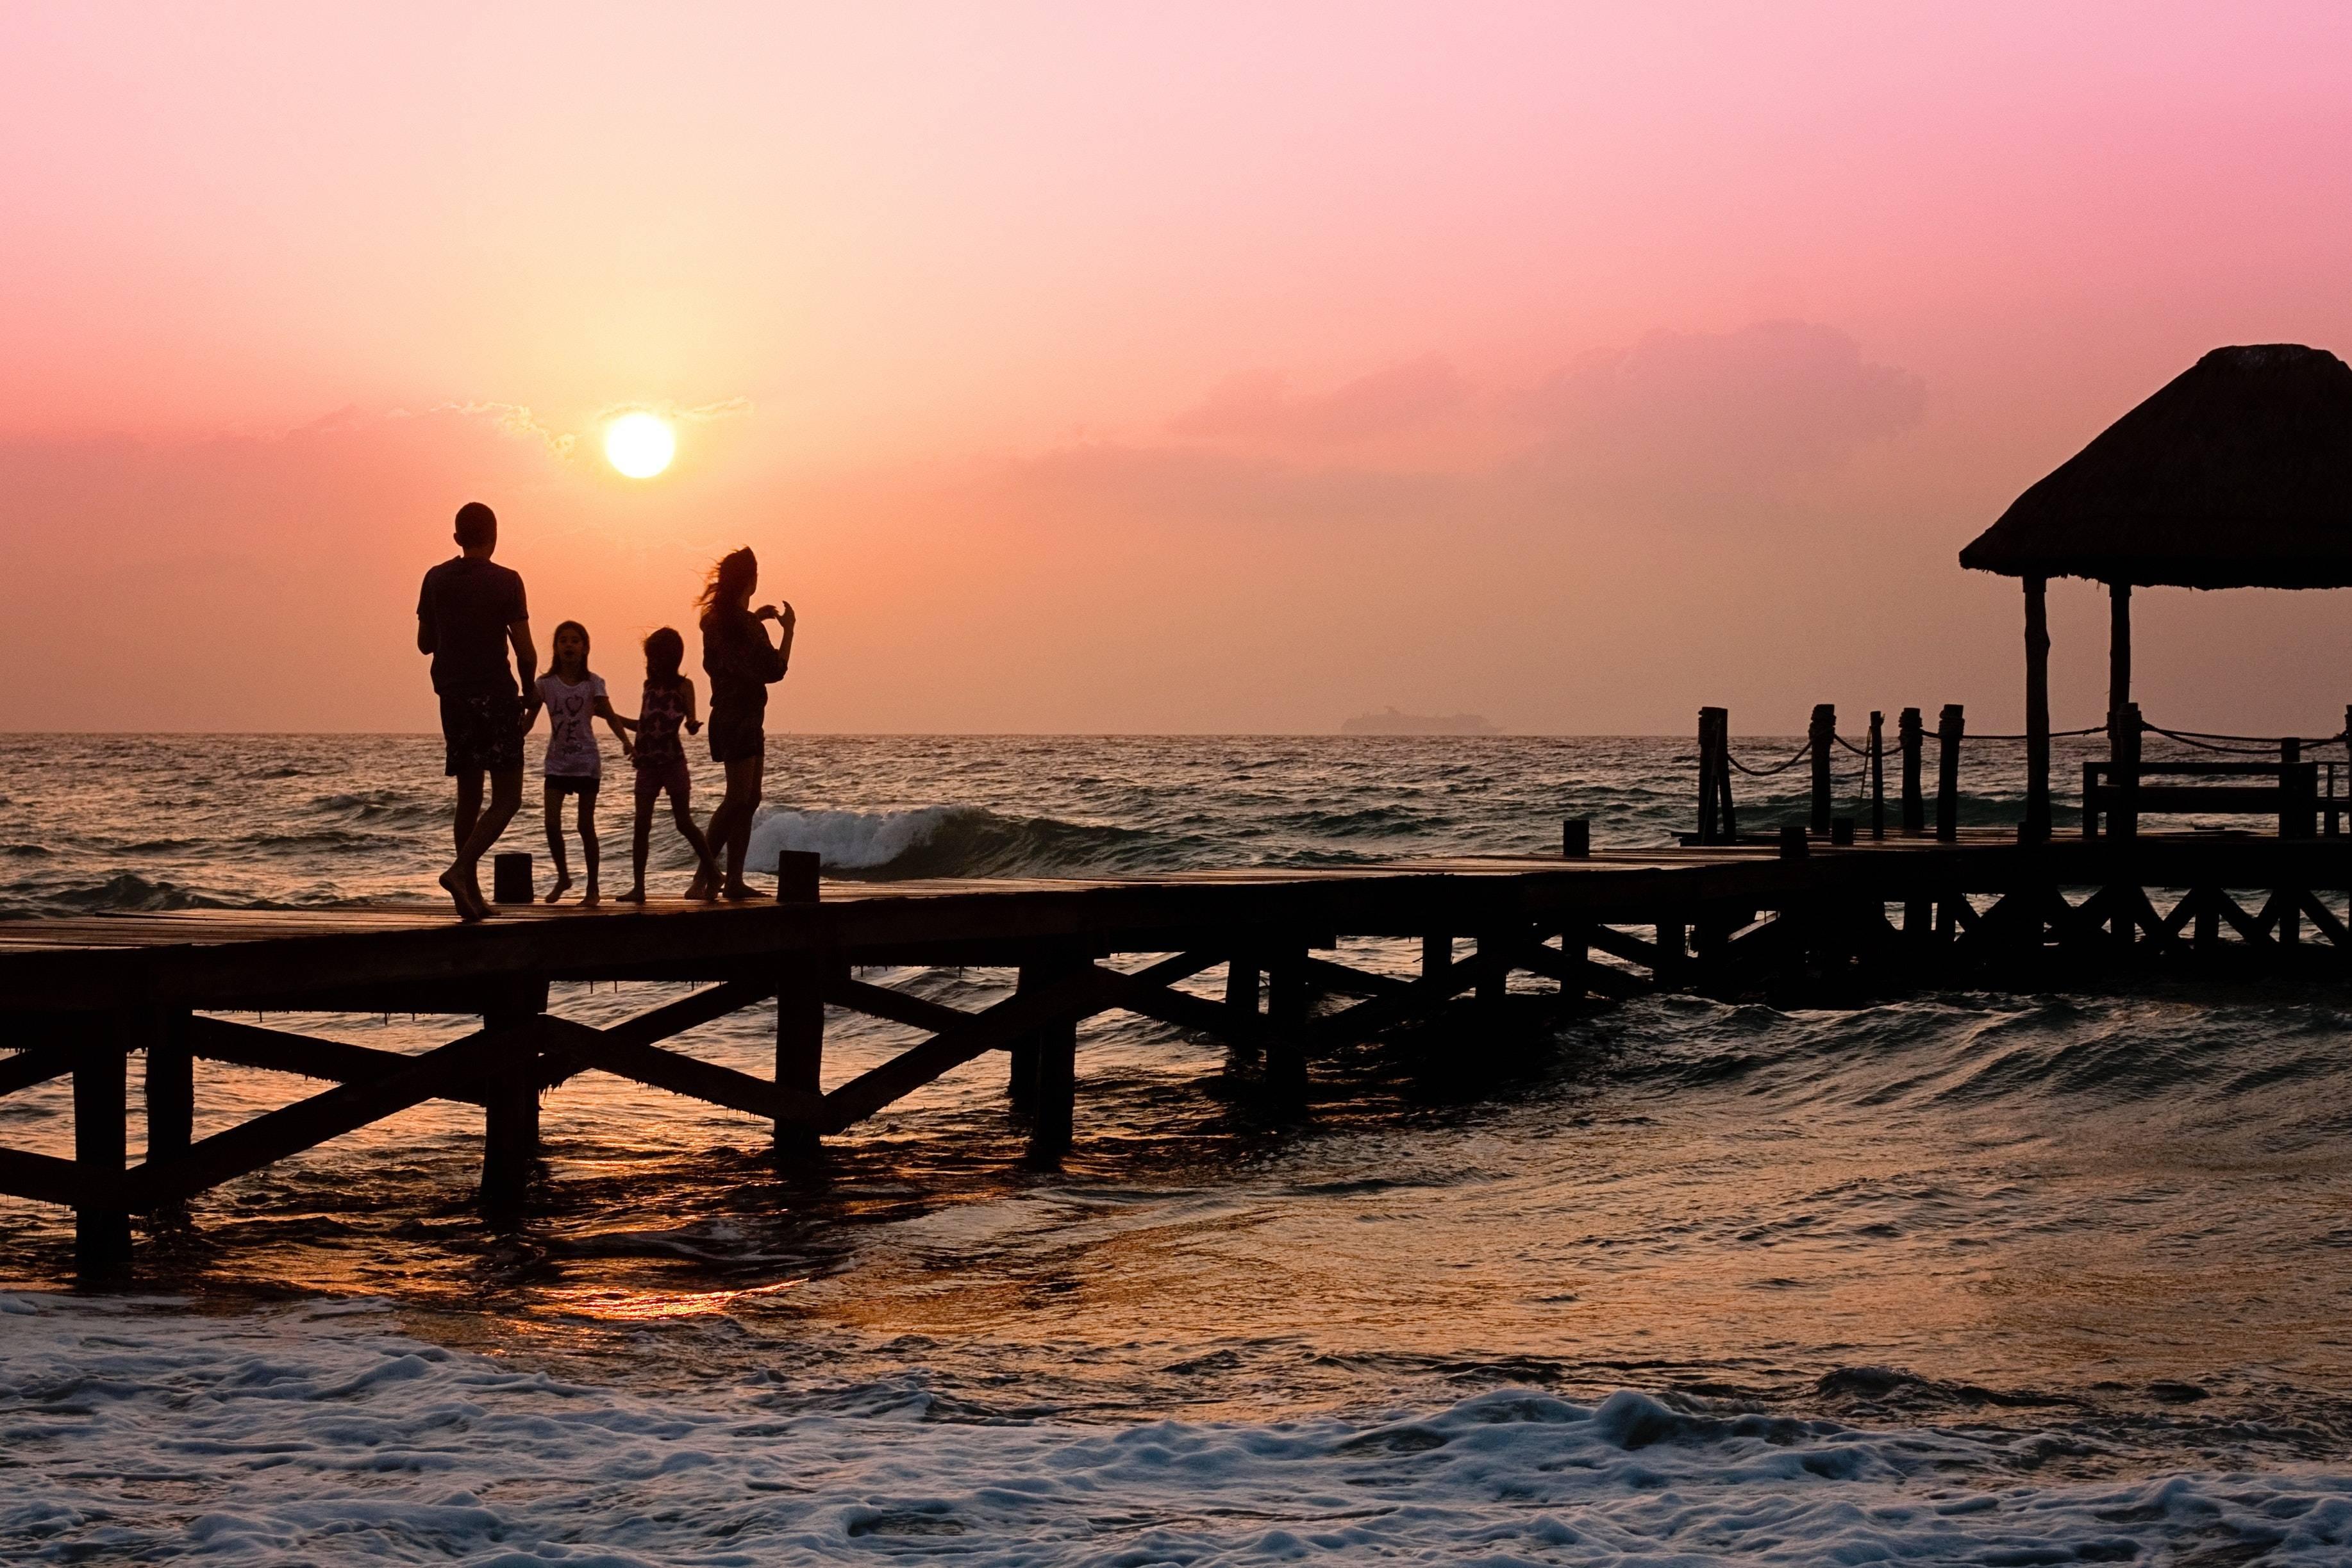 我早晨从家往学校走时我的左边是太阳升起的方向学校在我的家的什么面? 早上当你面向太阳 你的